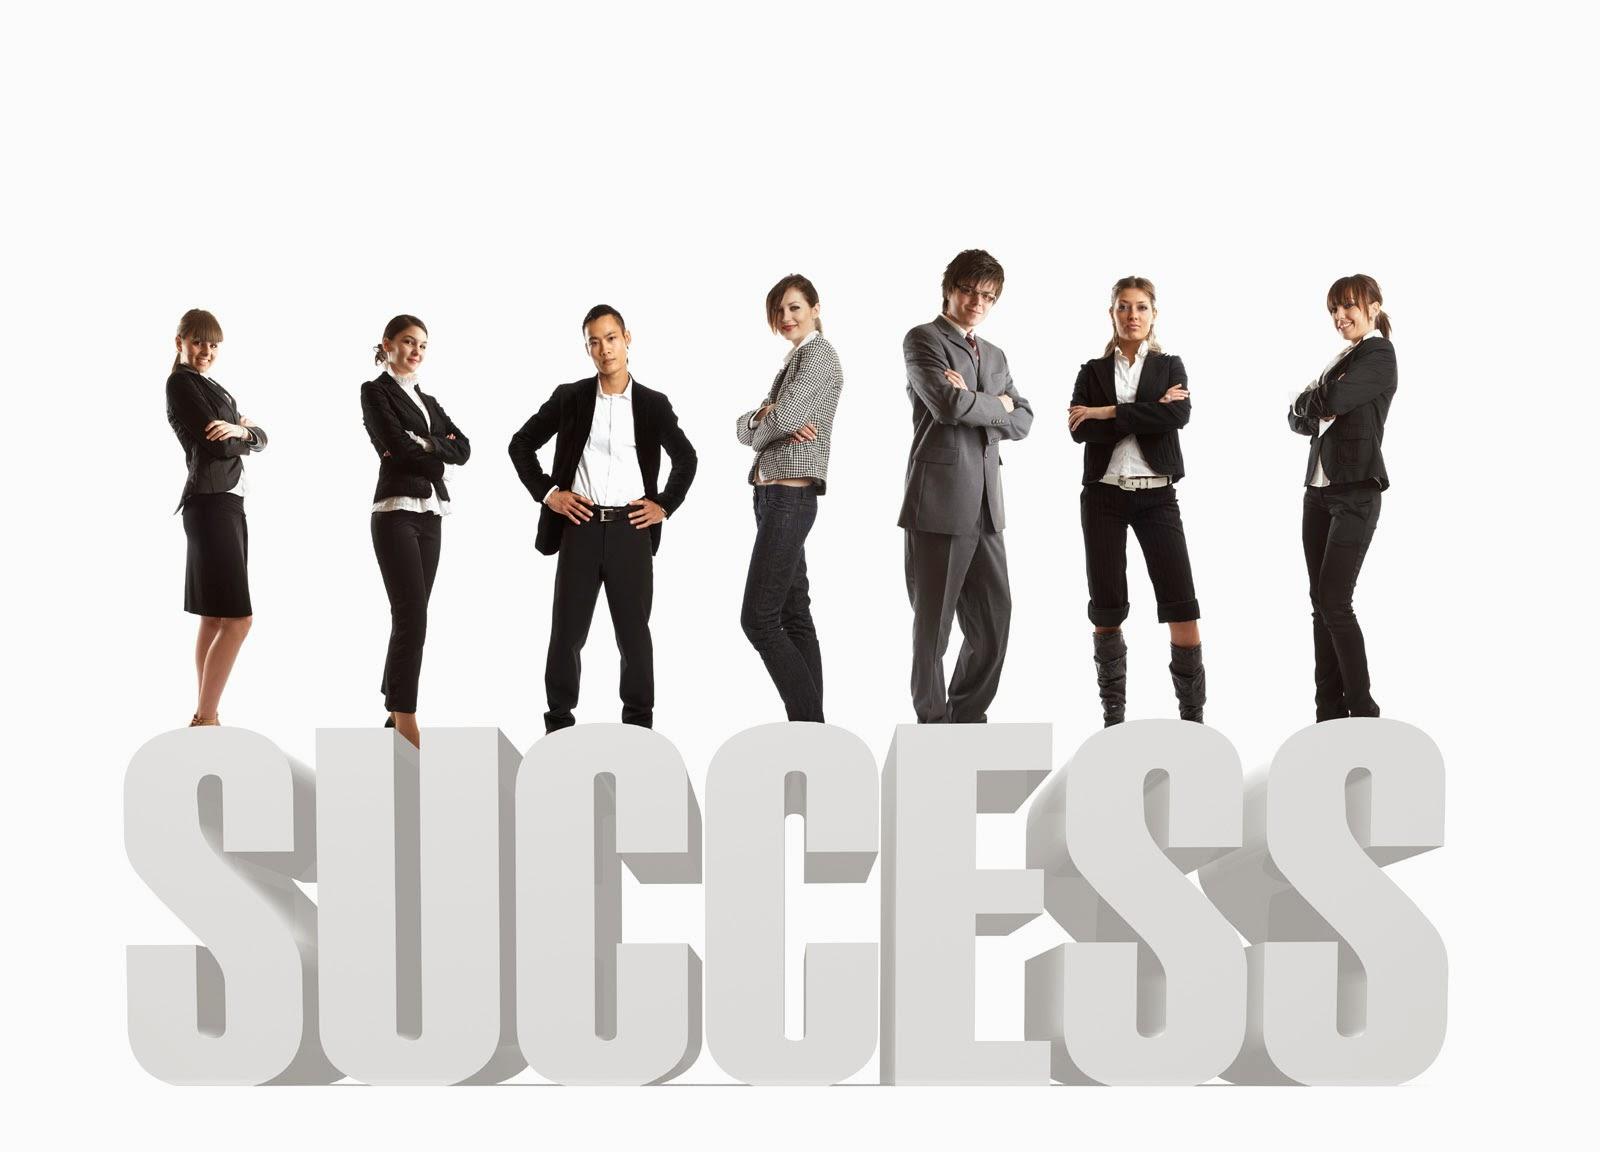 Hãy thay đổi - Để trở thành người bán hàng thành công